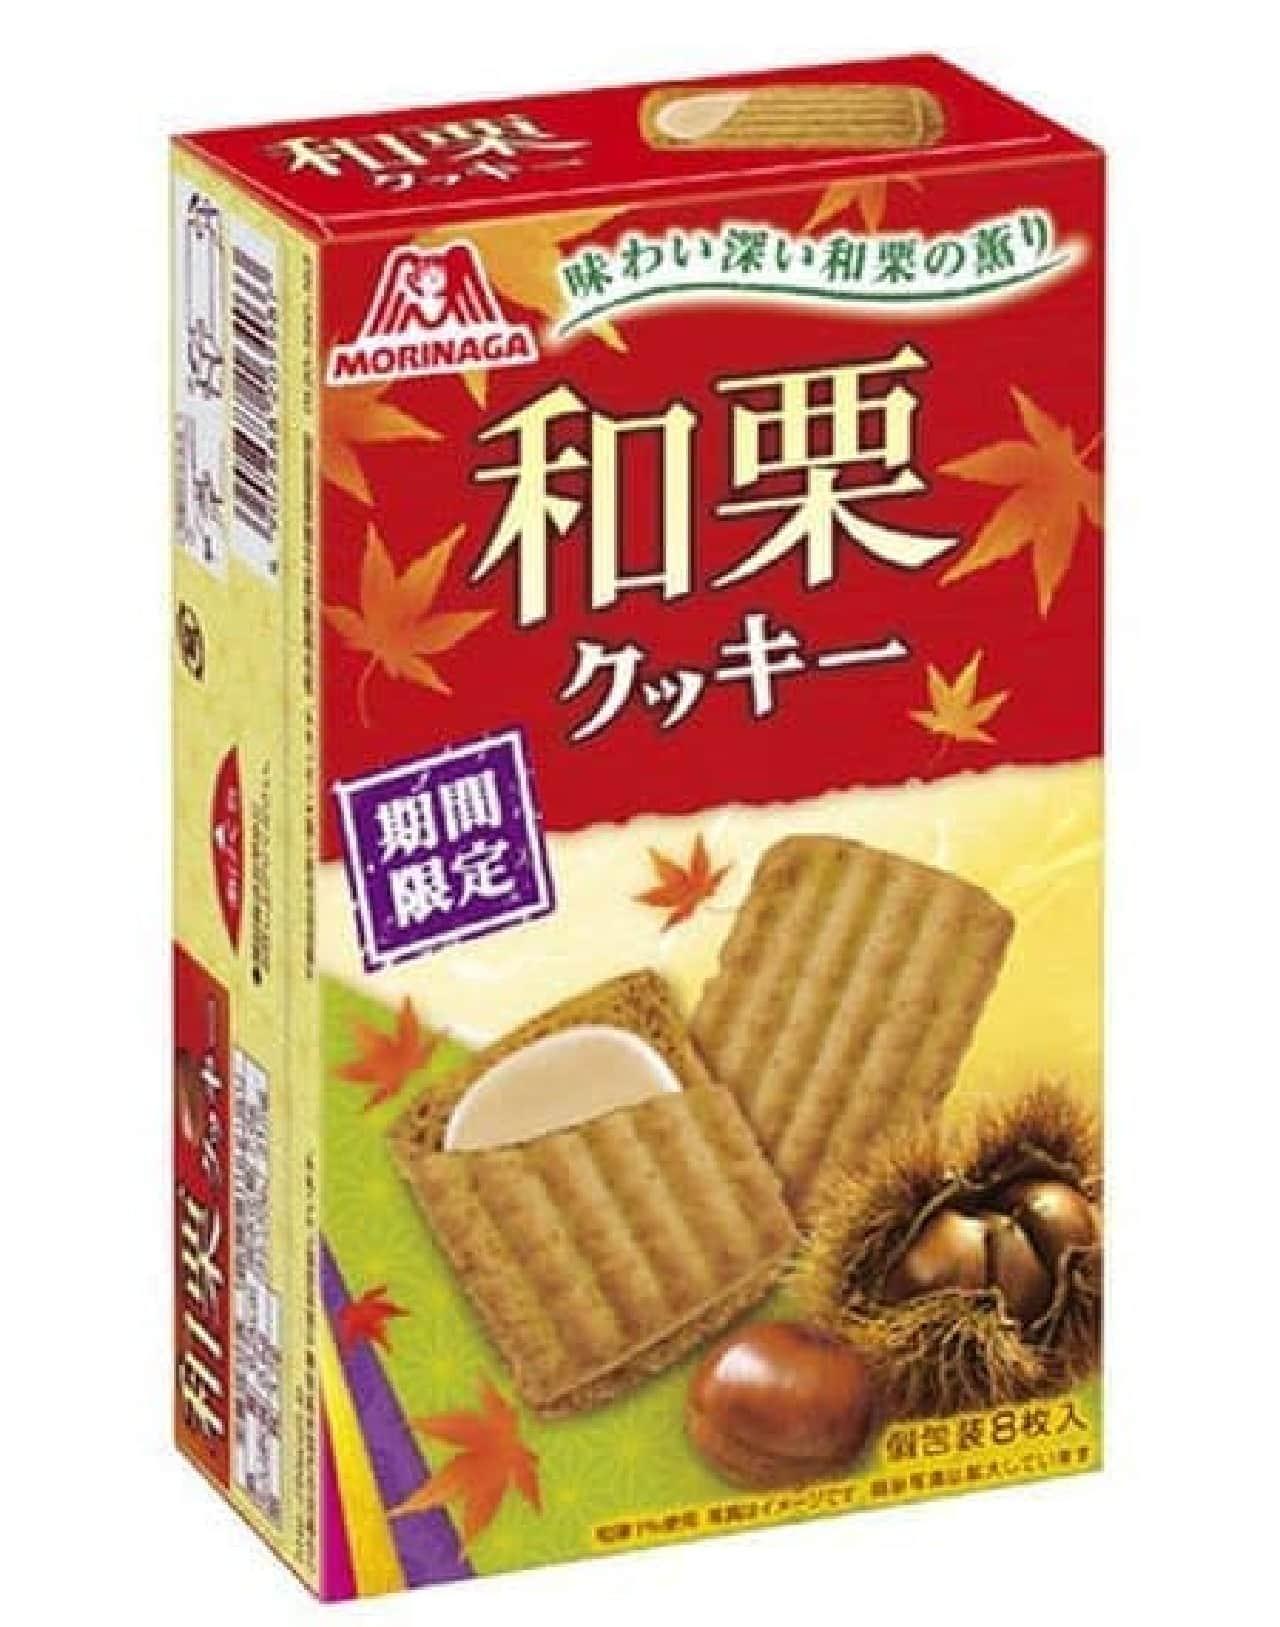 「和栗クッキー」は和栗ペースとが練り込まれた香り高いクッキー